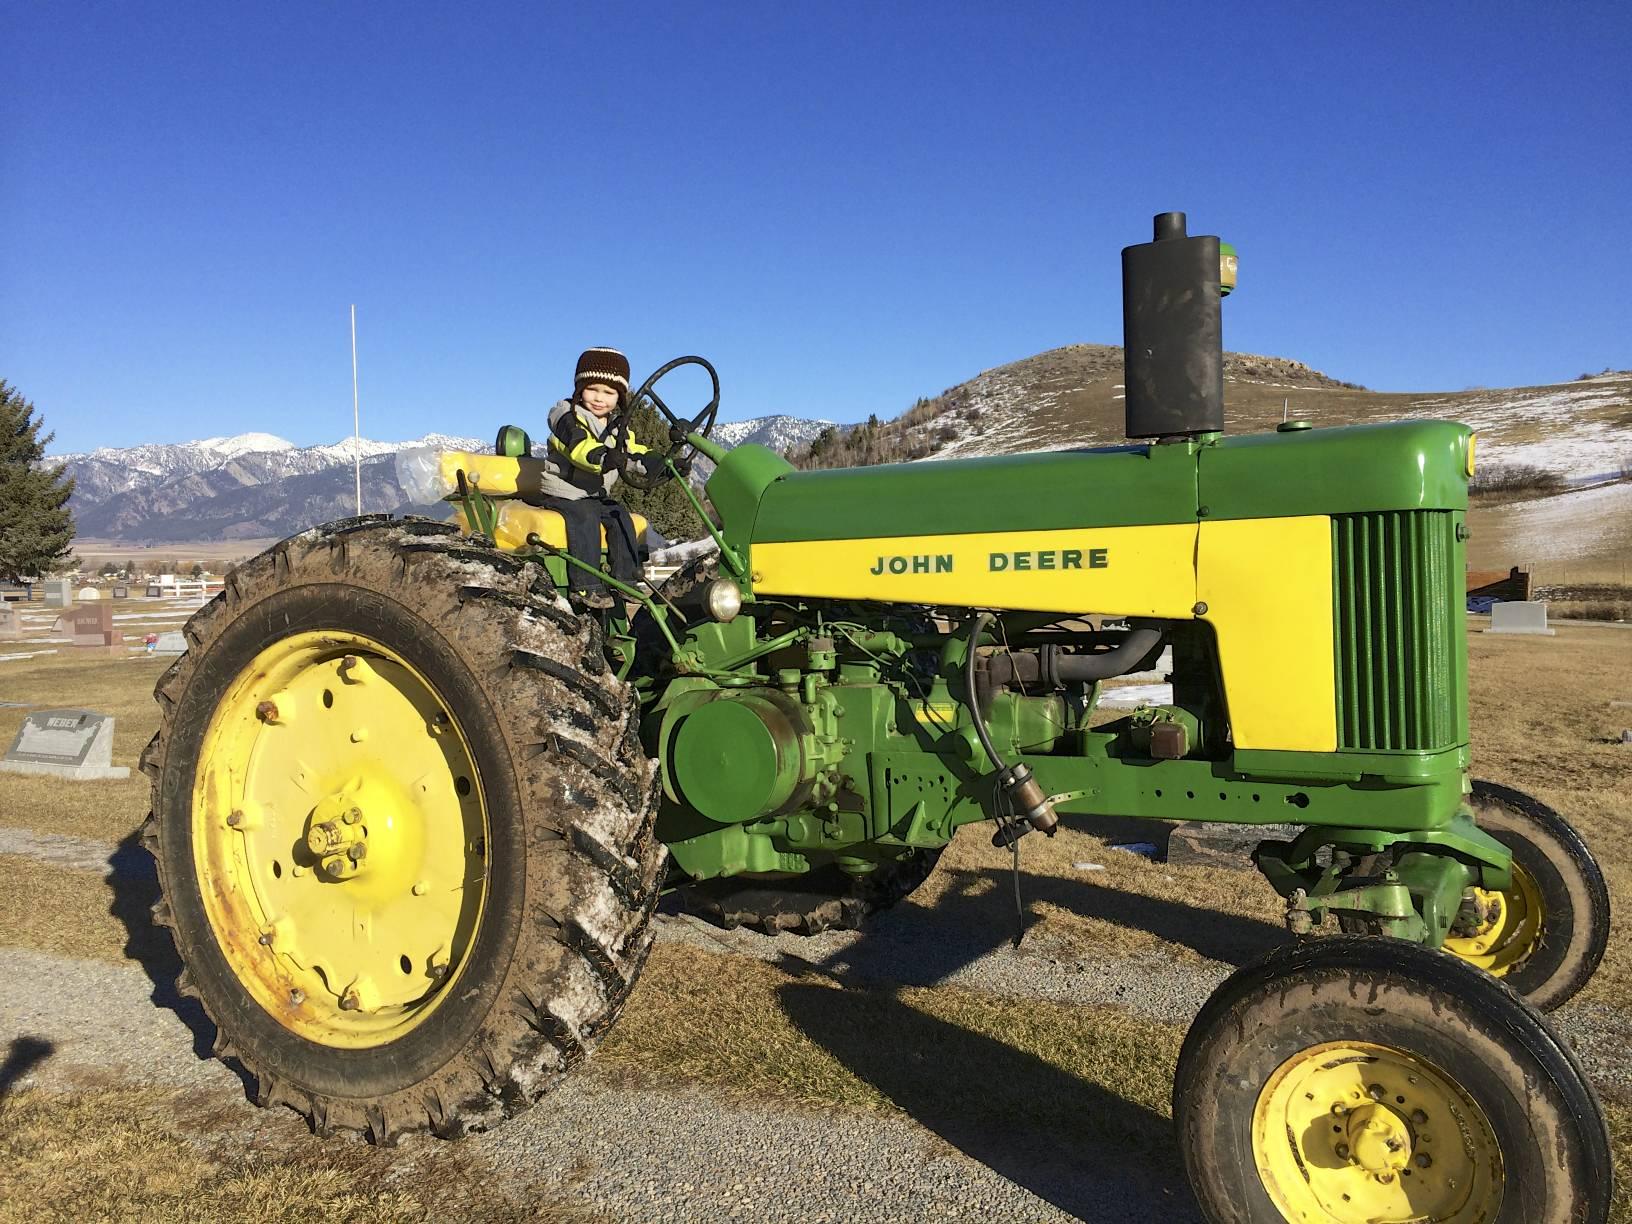 john deere two-cylinder 30 series tractors